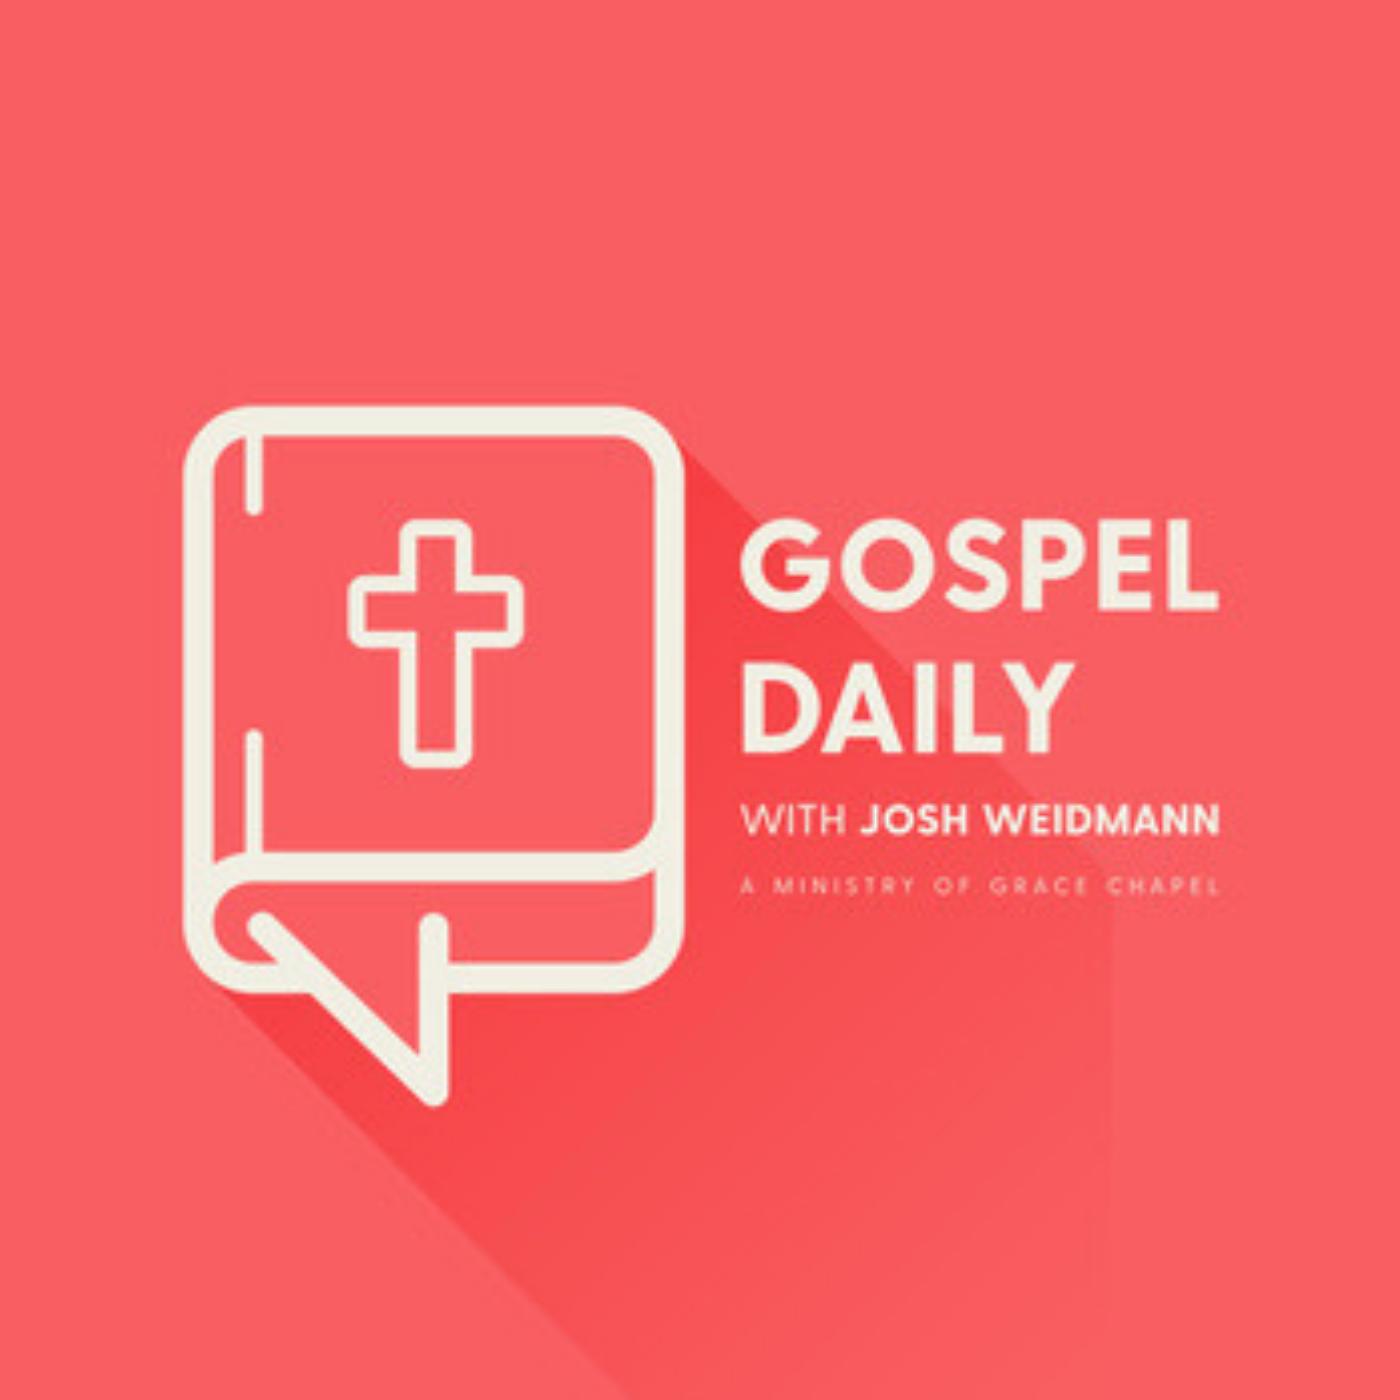 Gospel Daily with Josh Weidmann show art